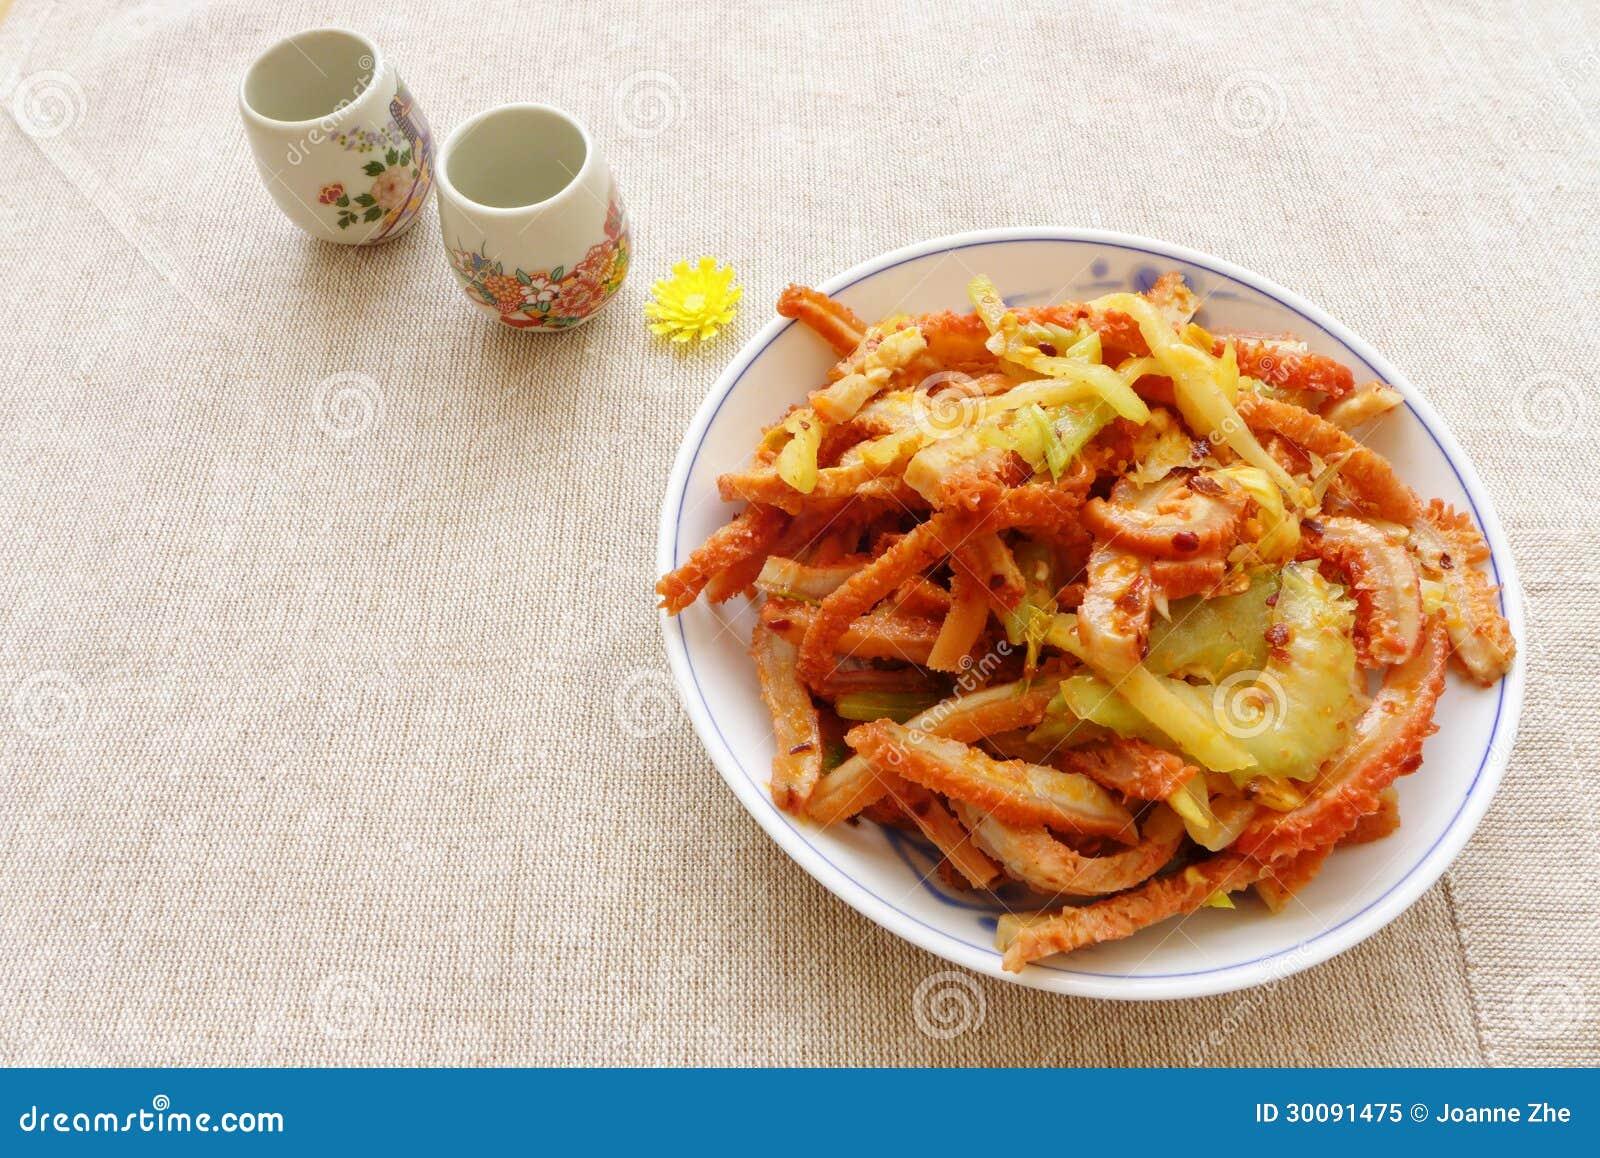 中国食物寒冷开胃菜